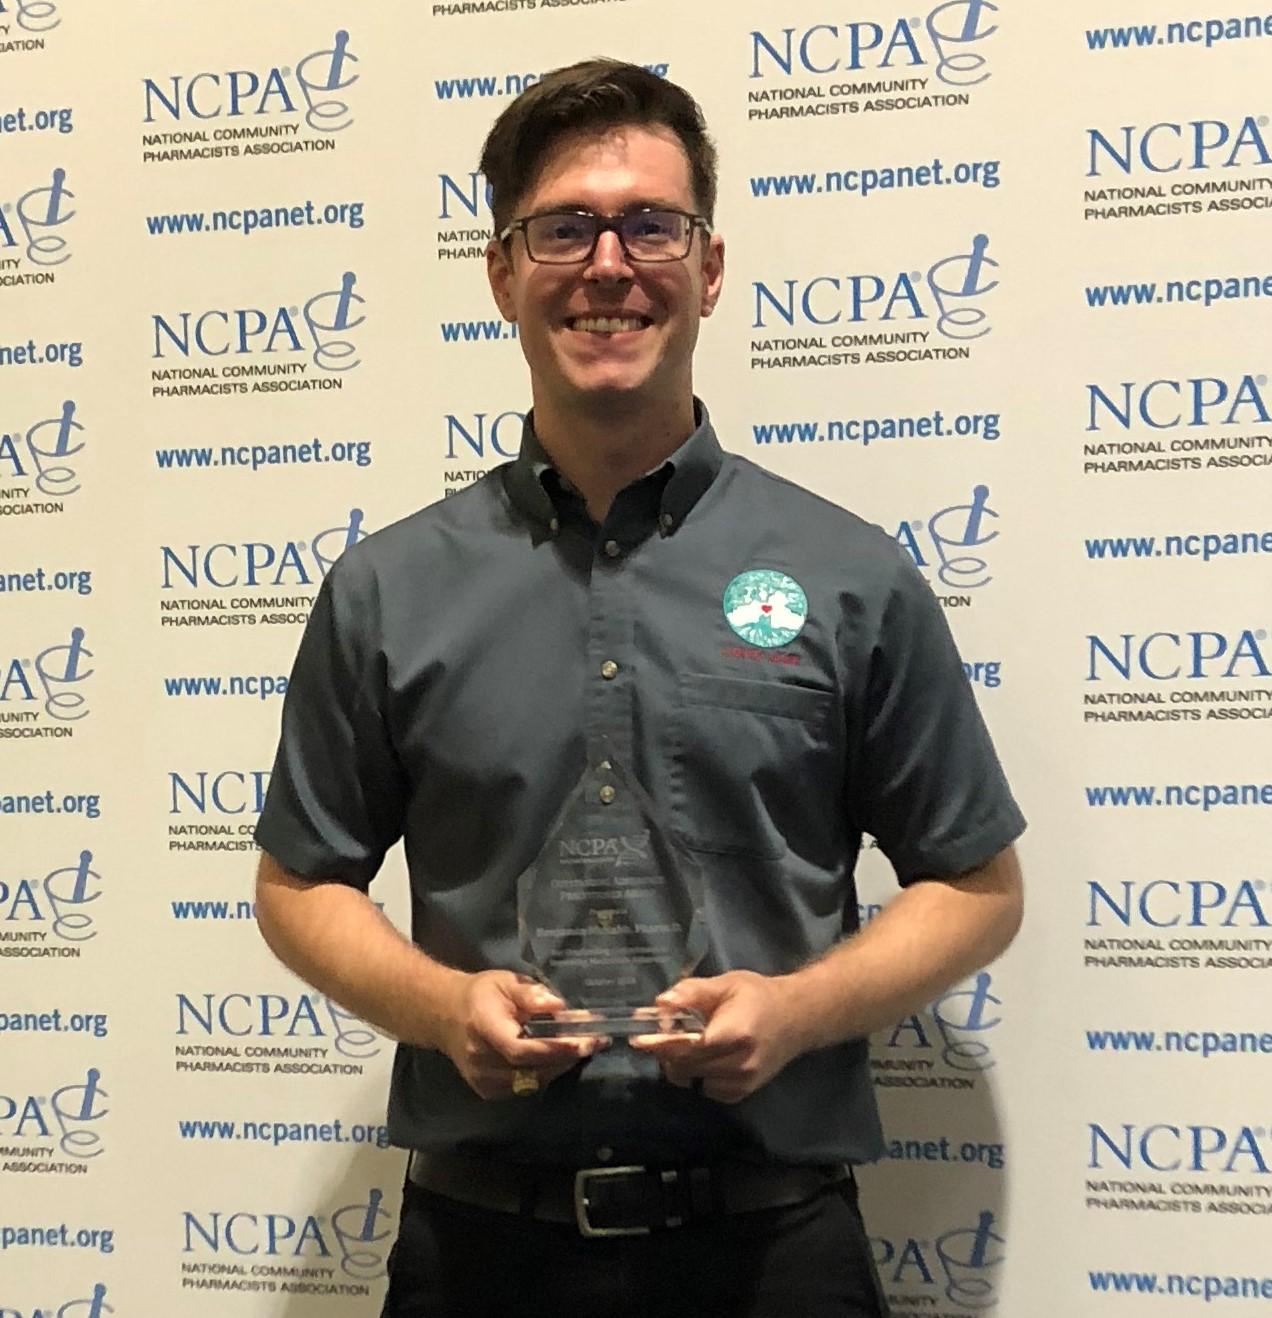 Dr. Benjamin McNabb with the NCPA adherence award